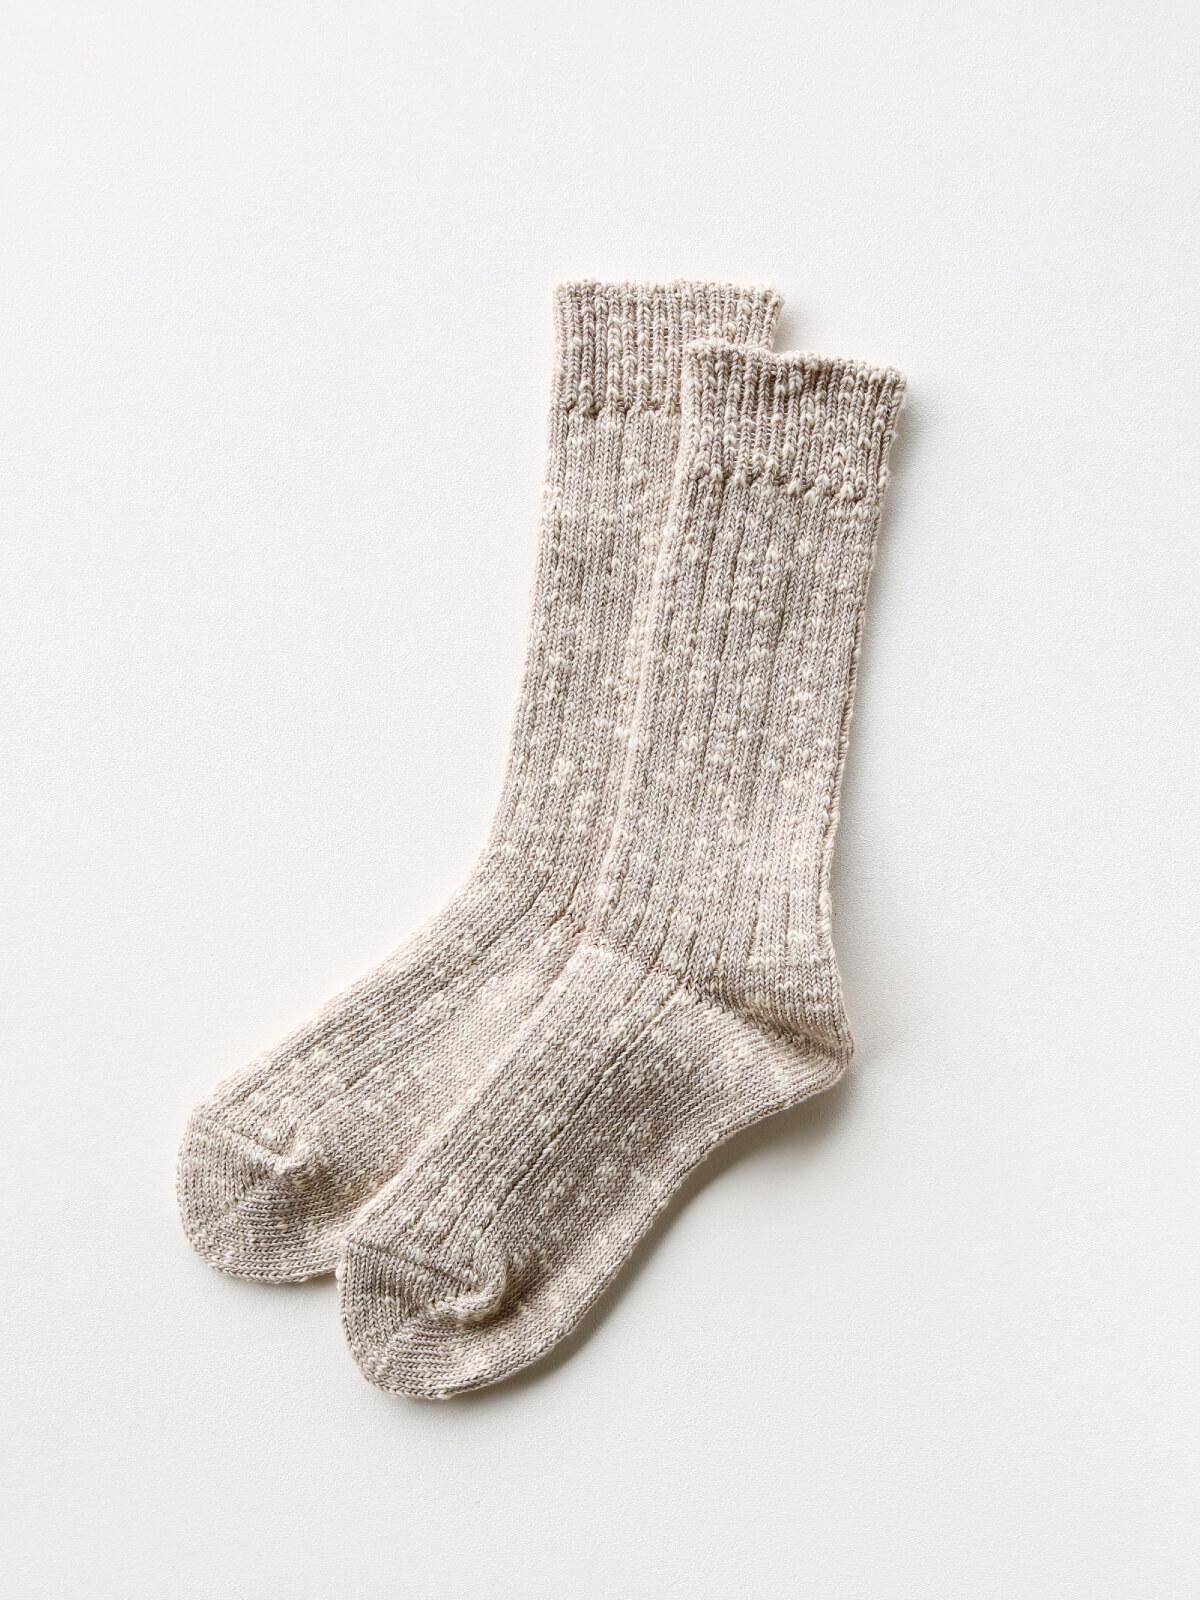 当たりつきギフト専用靴下のLUCKY SOCKS(ラッキーソックス)のMix Rib Socks(ミックスリブソックス)のグレージュ_2